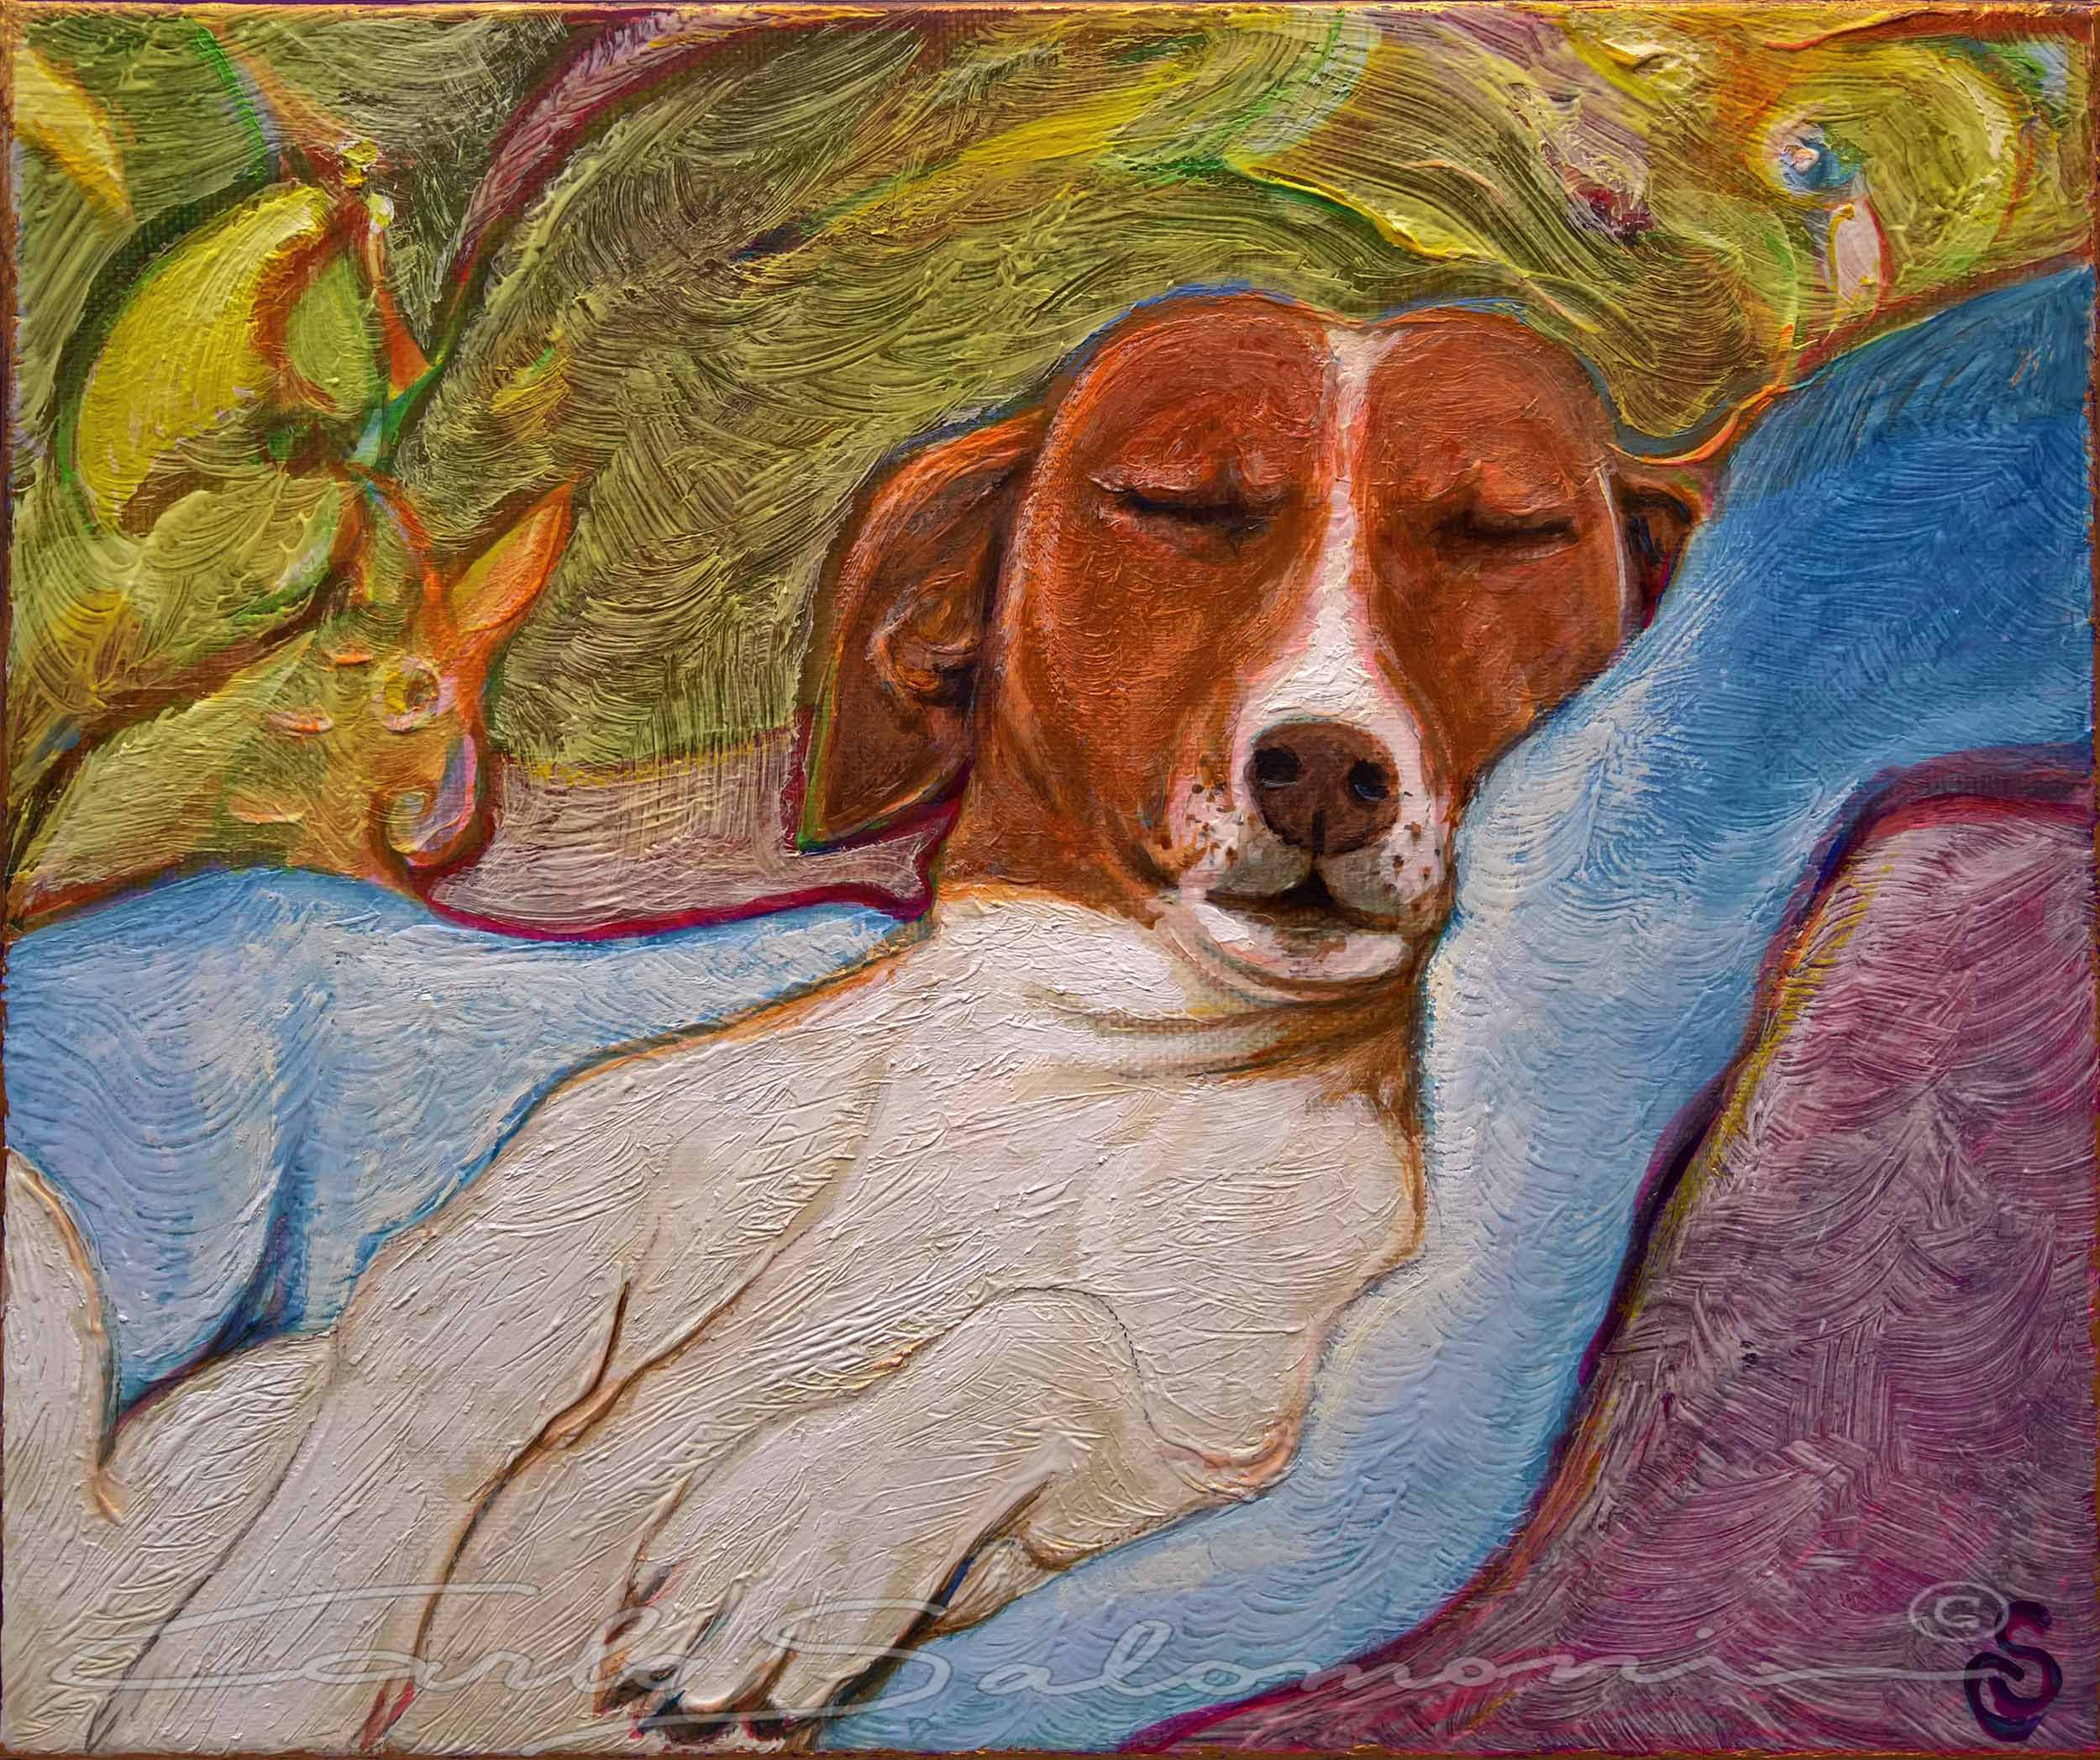 THE VAN DOG DREAMS